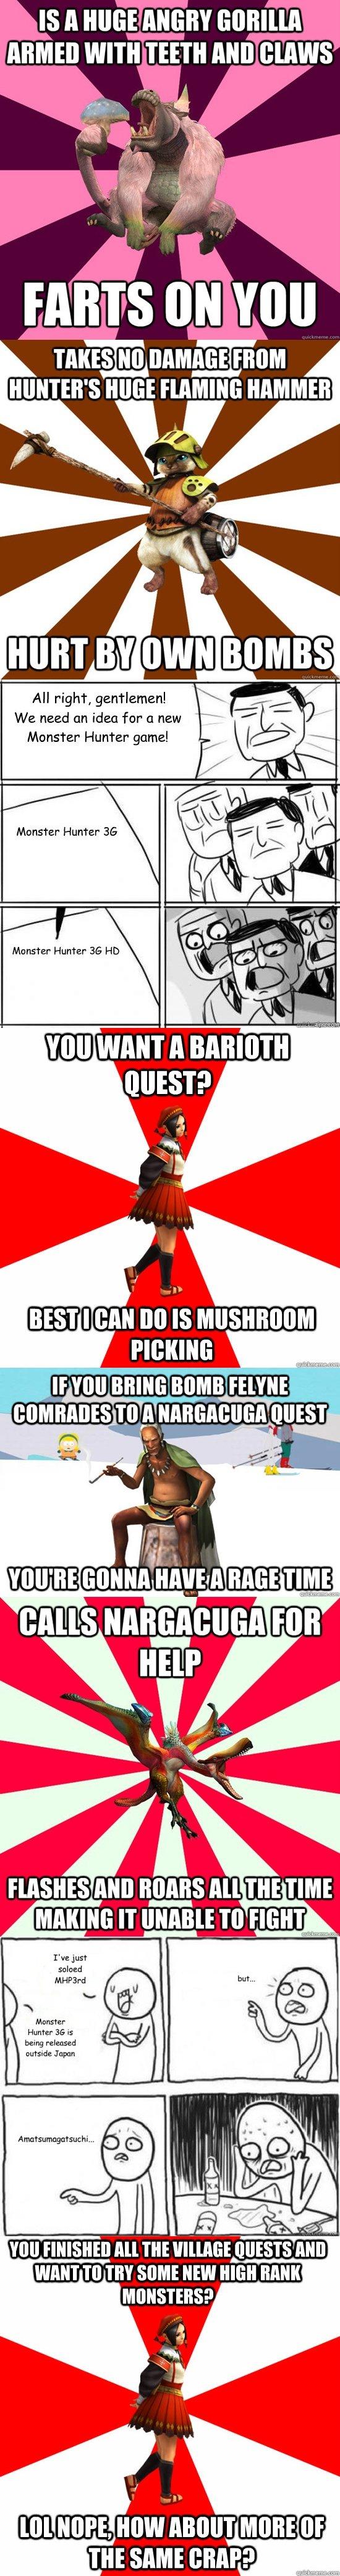 Monster Hunter Meme Comp 3. Here's the first: www.funnyjunk.com/funnypictures/3534546/Monster+Hunter+Comp/ Here's the second: www.funnyjunk.com/funnypictures/37 monster hunter MEMES